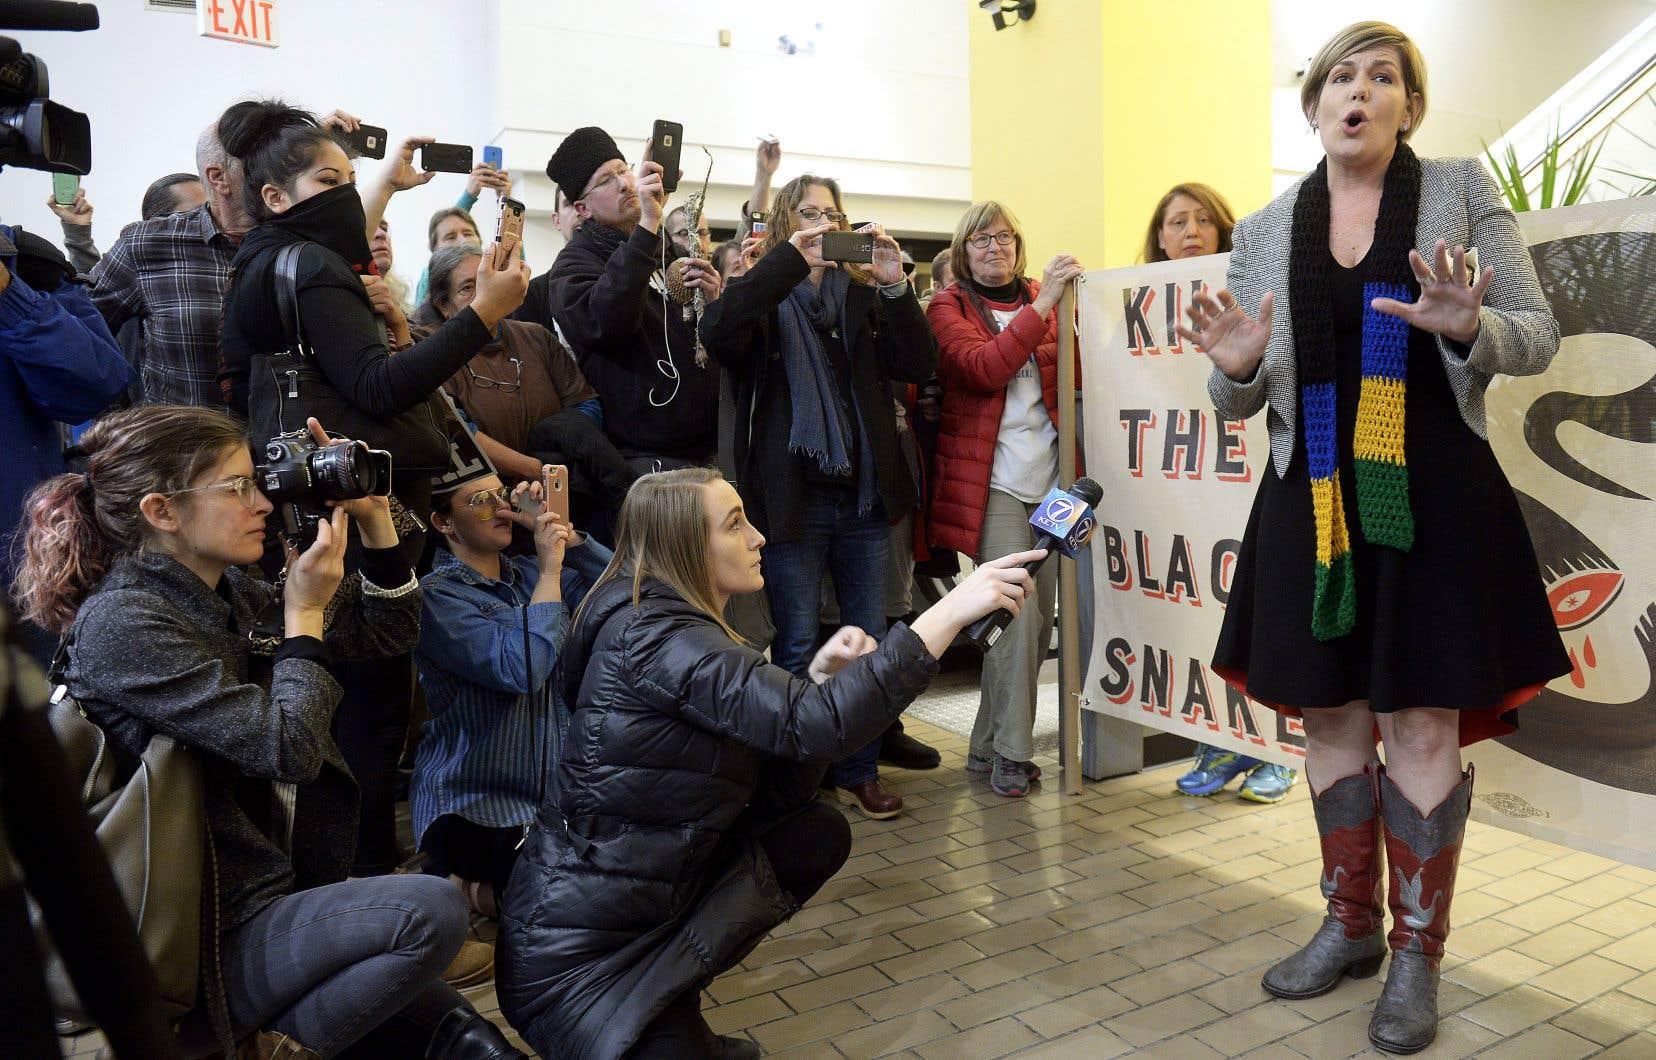 Fondatrice du mouvement d'opposition au passage du pipeline Keystone XL au Nebraska, Jane Kleeb s'est réjouie lundi d'une «demi-victoire» après la décision de la régie des services publics du Nebraska d'imposer un nouveau tracé.